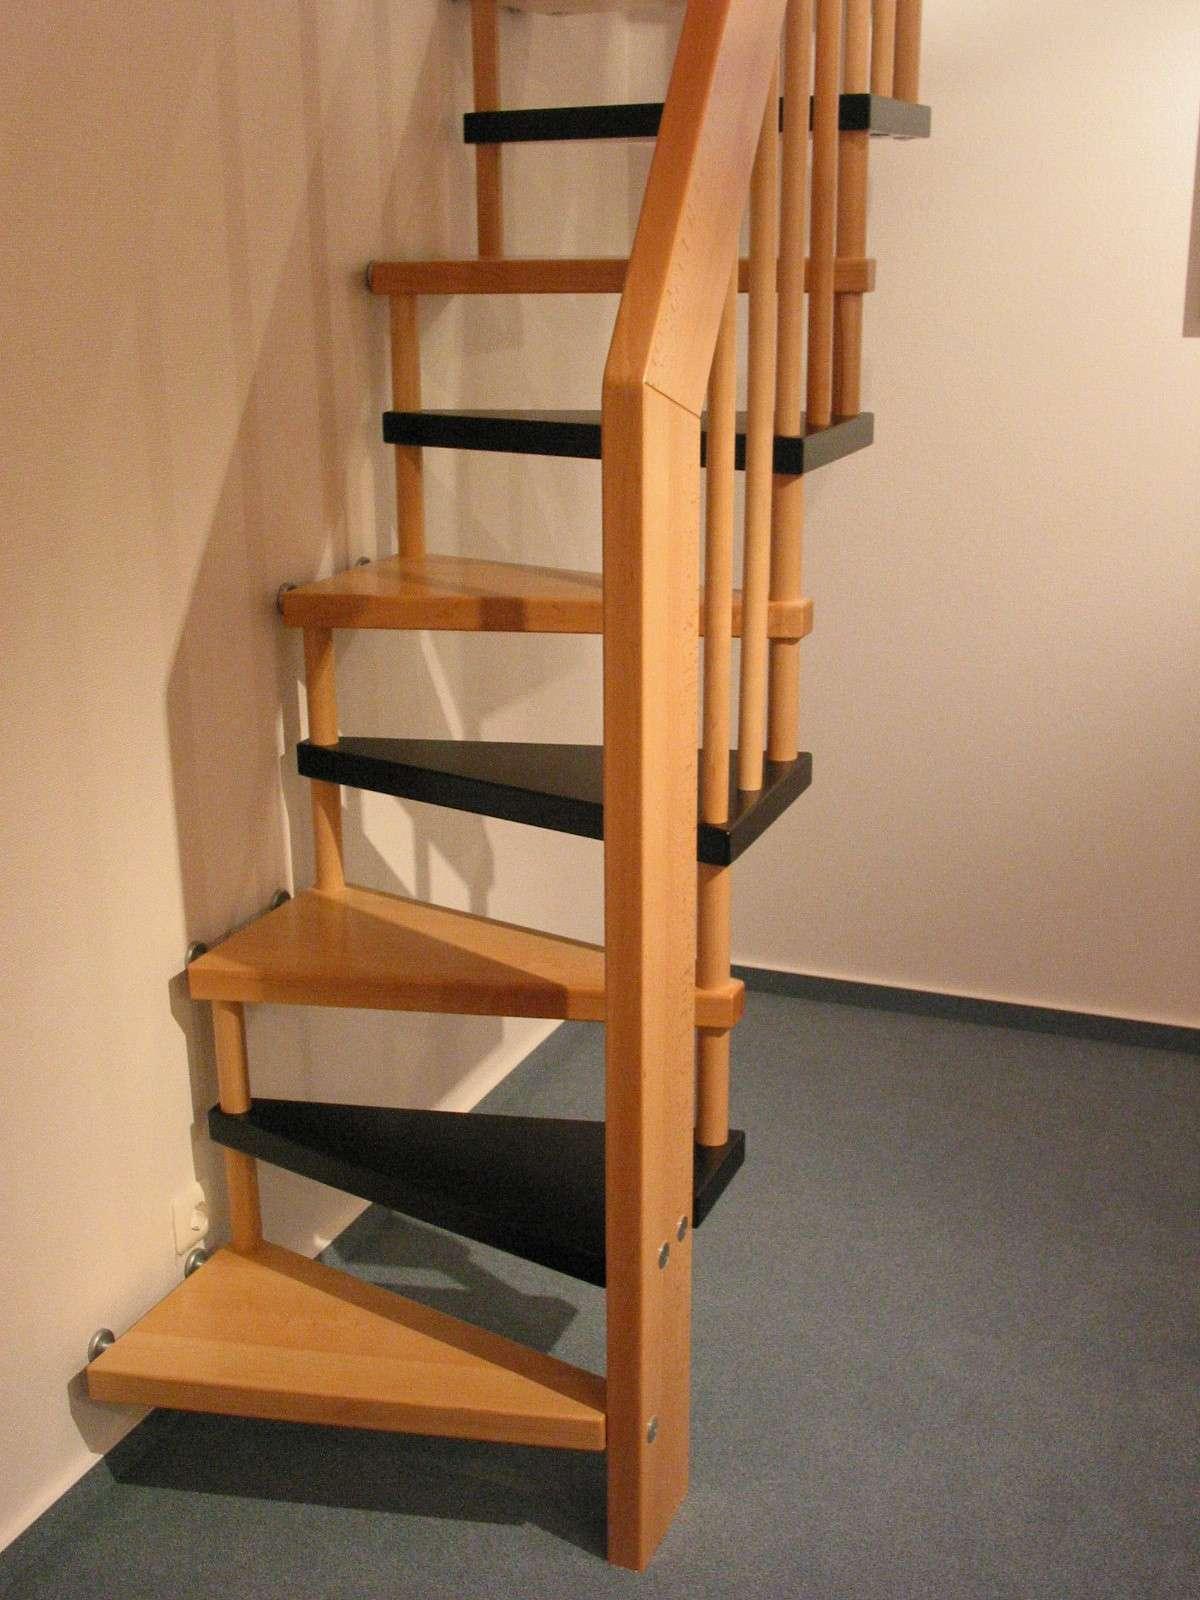 Arcus Treppen Raumspartreppen Die Platzsparenden Treppen